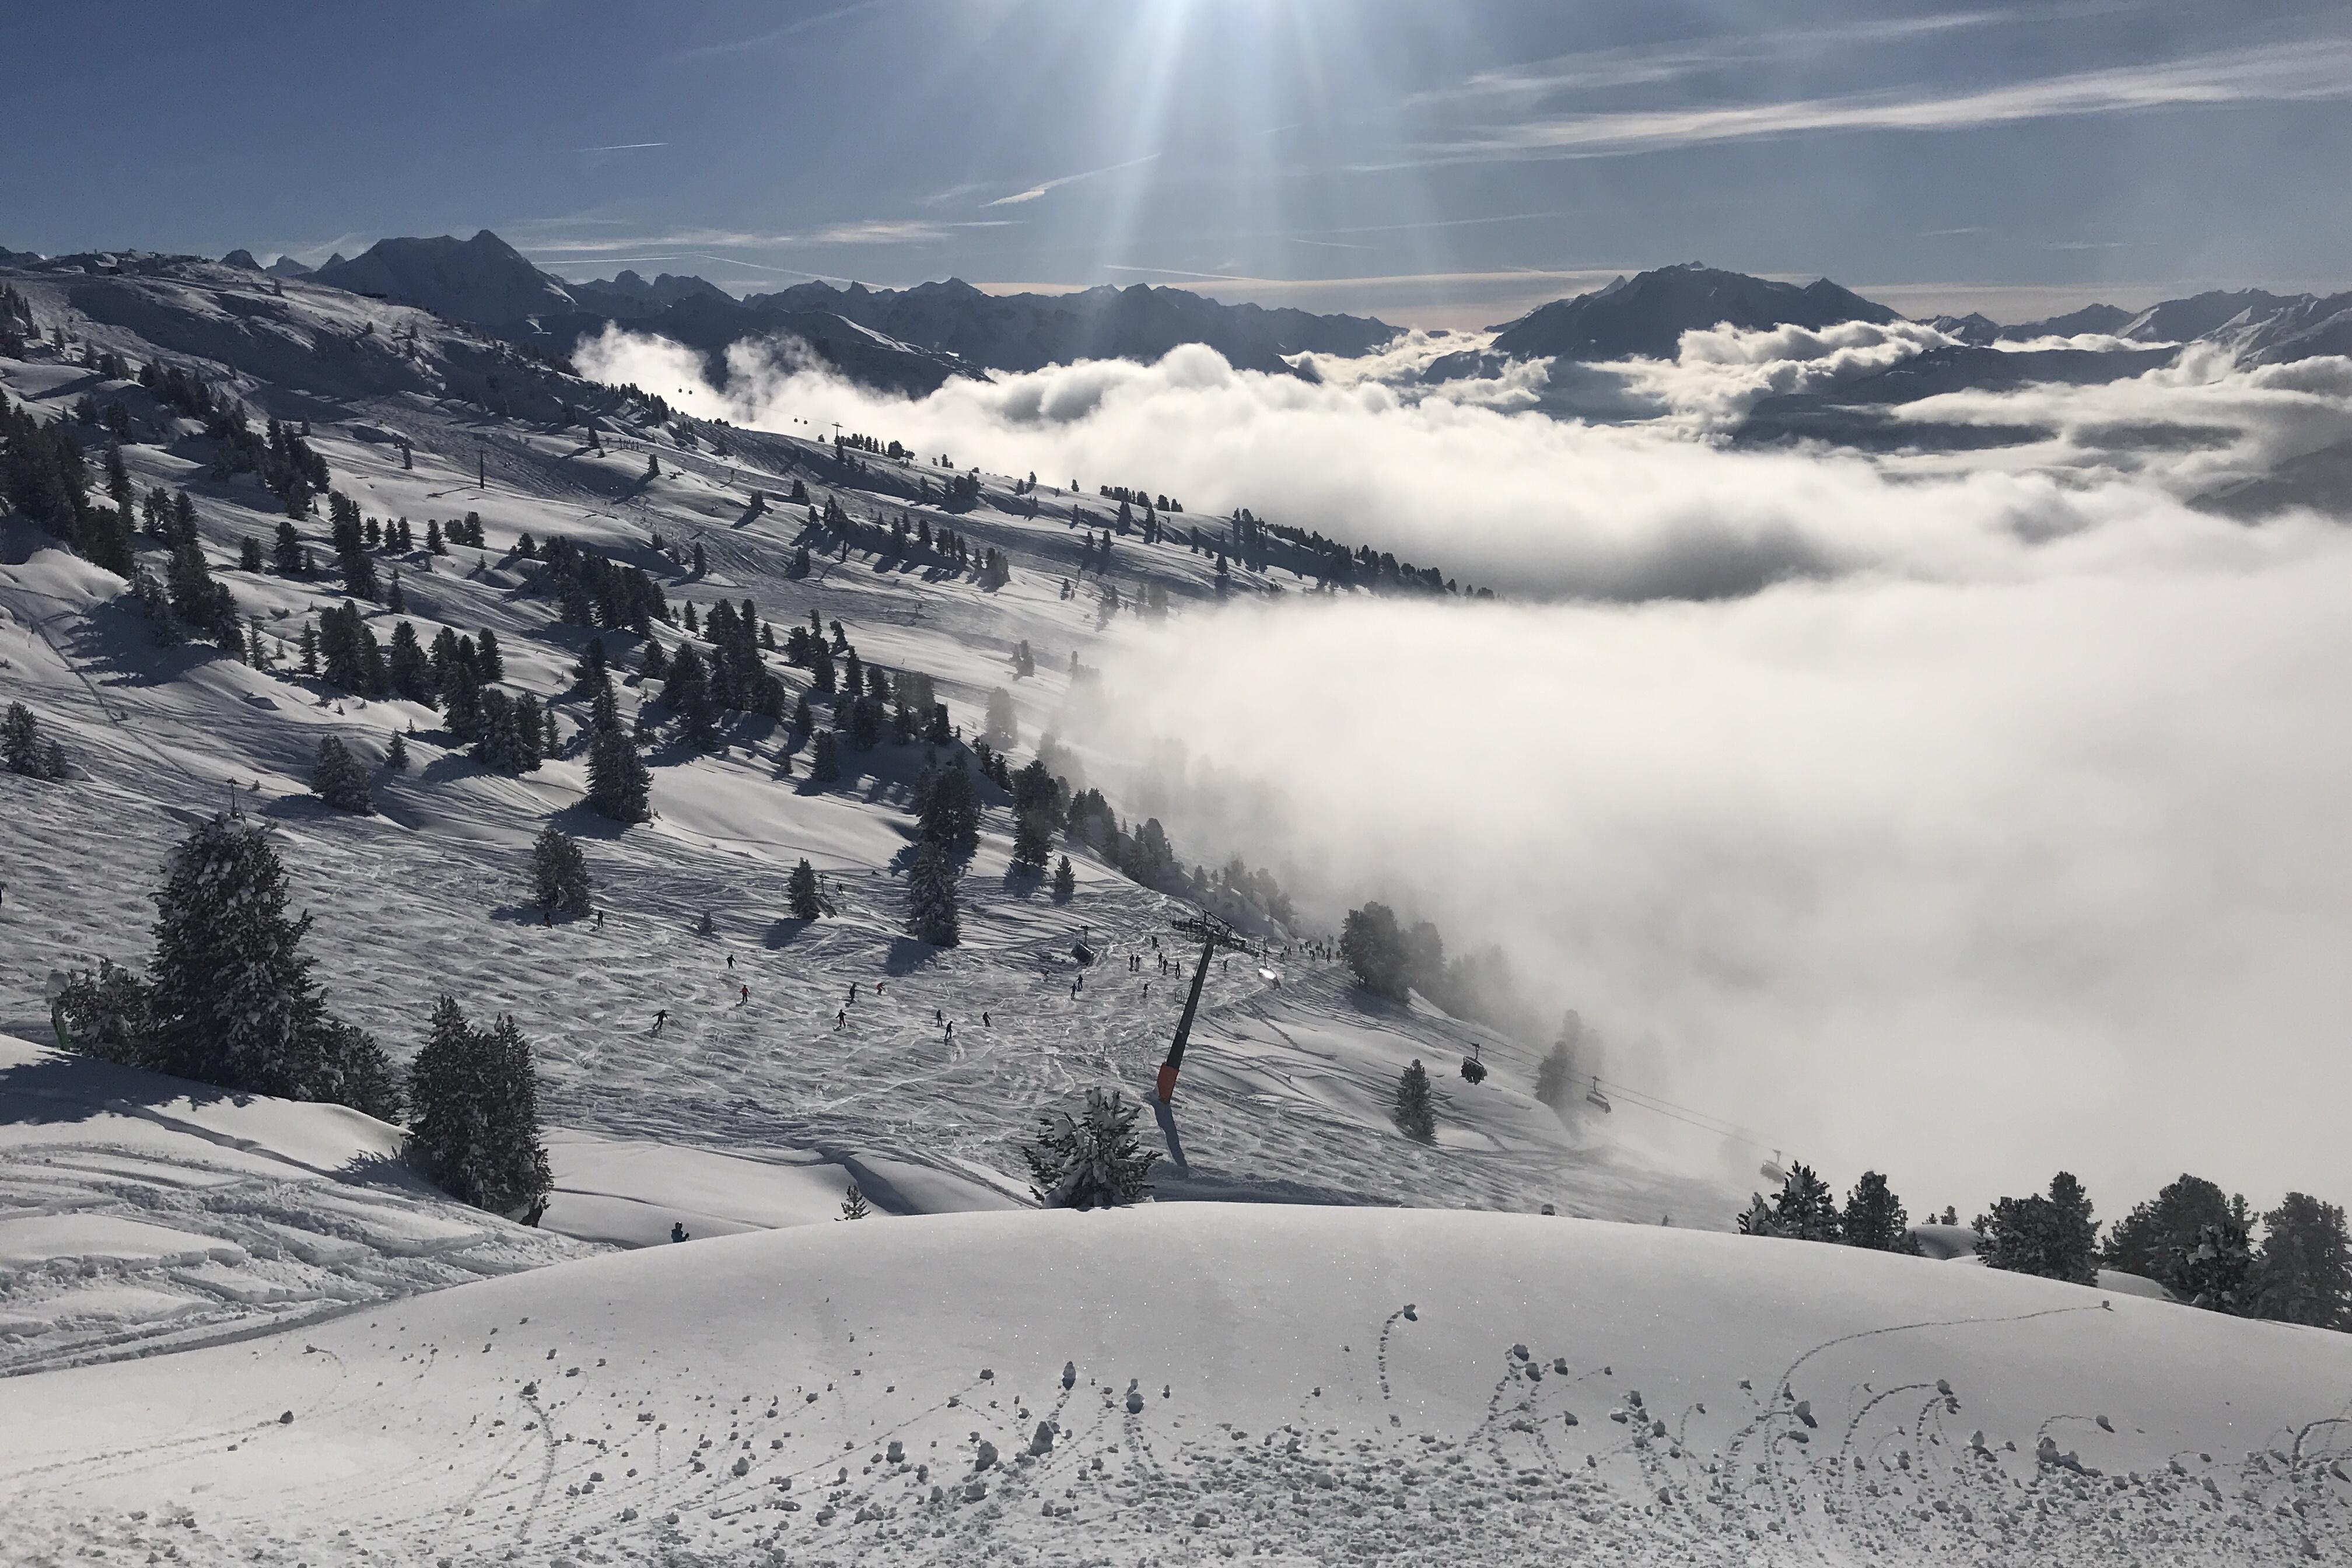 zillertal, oostenrijk, wintersport, snowboarden